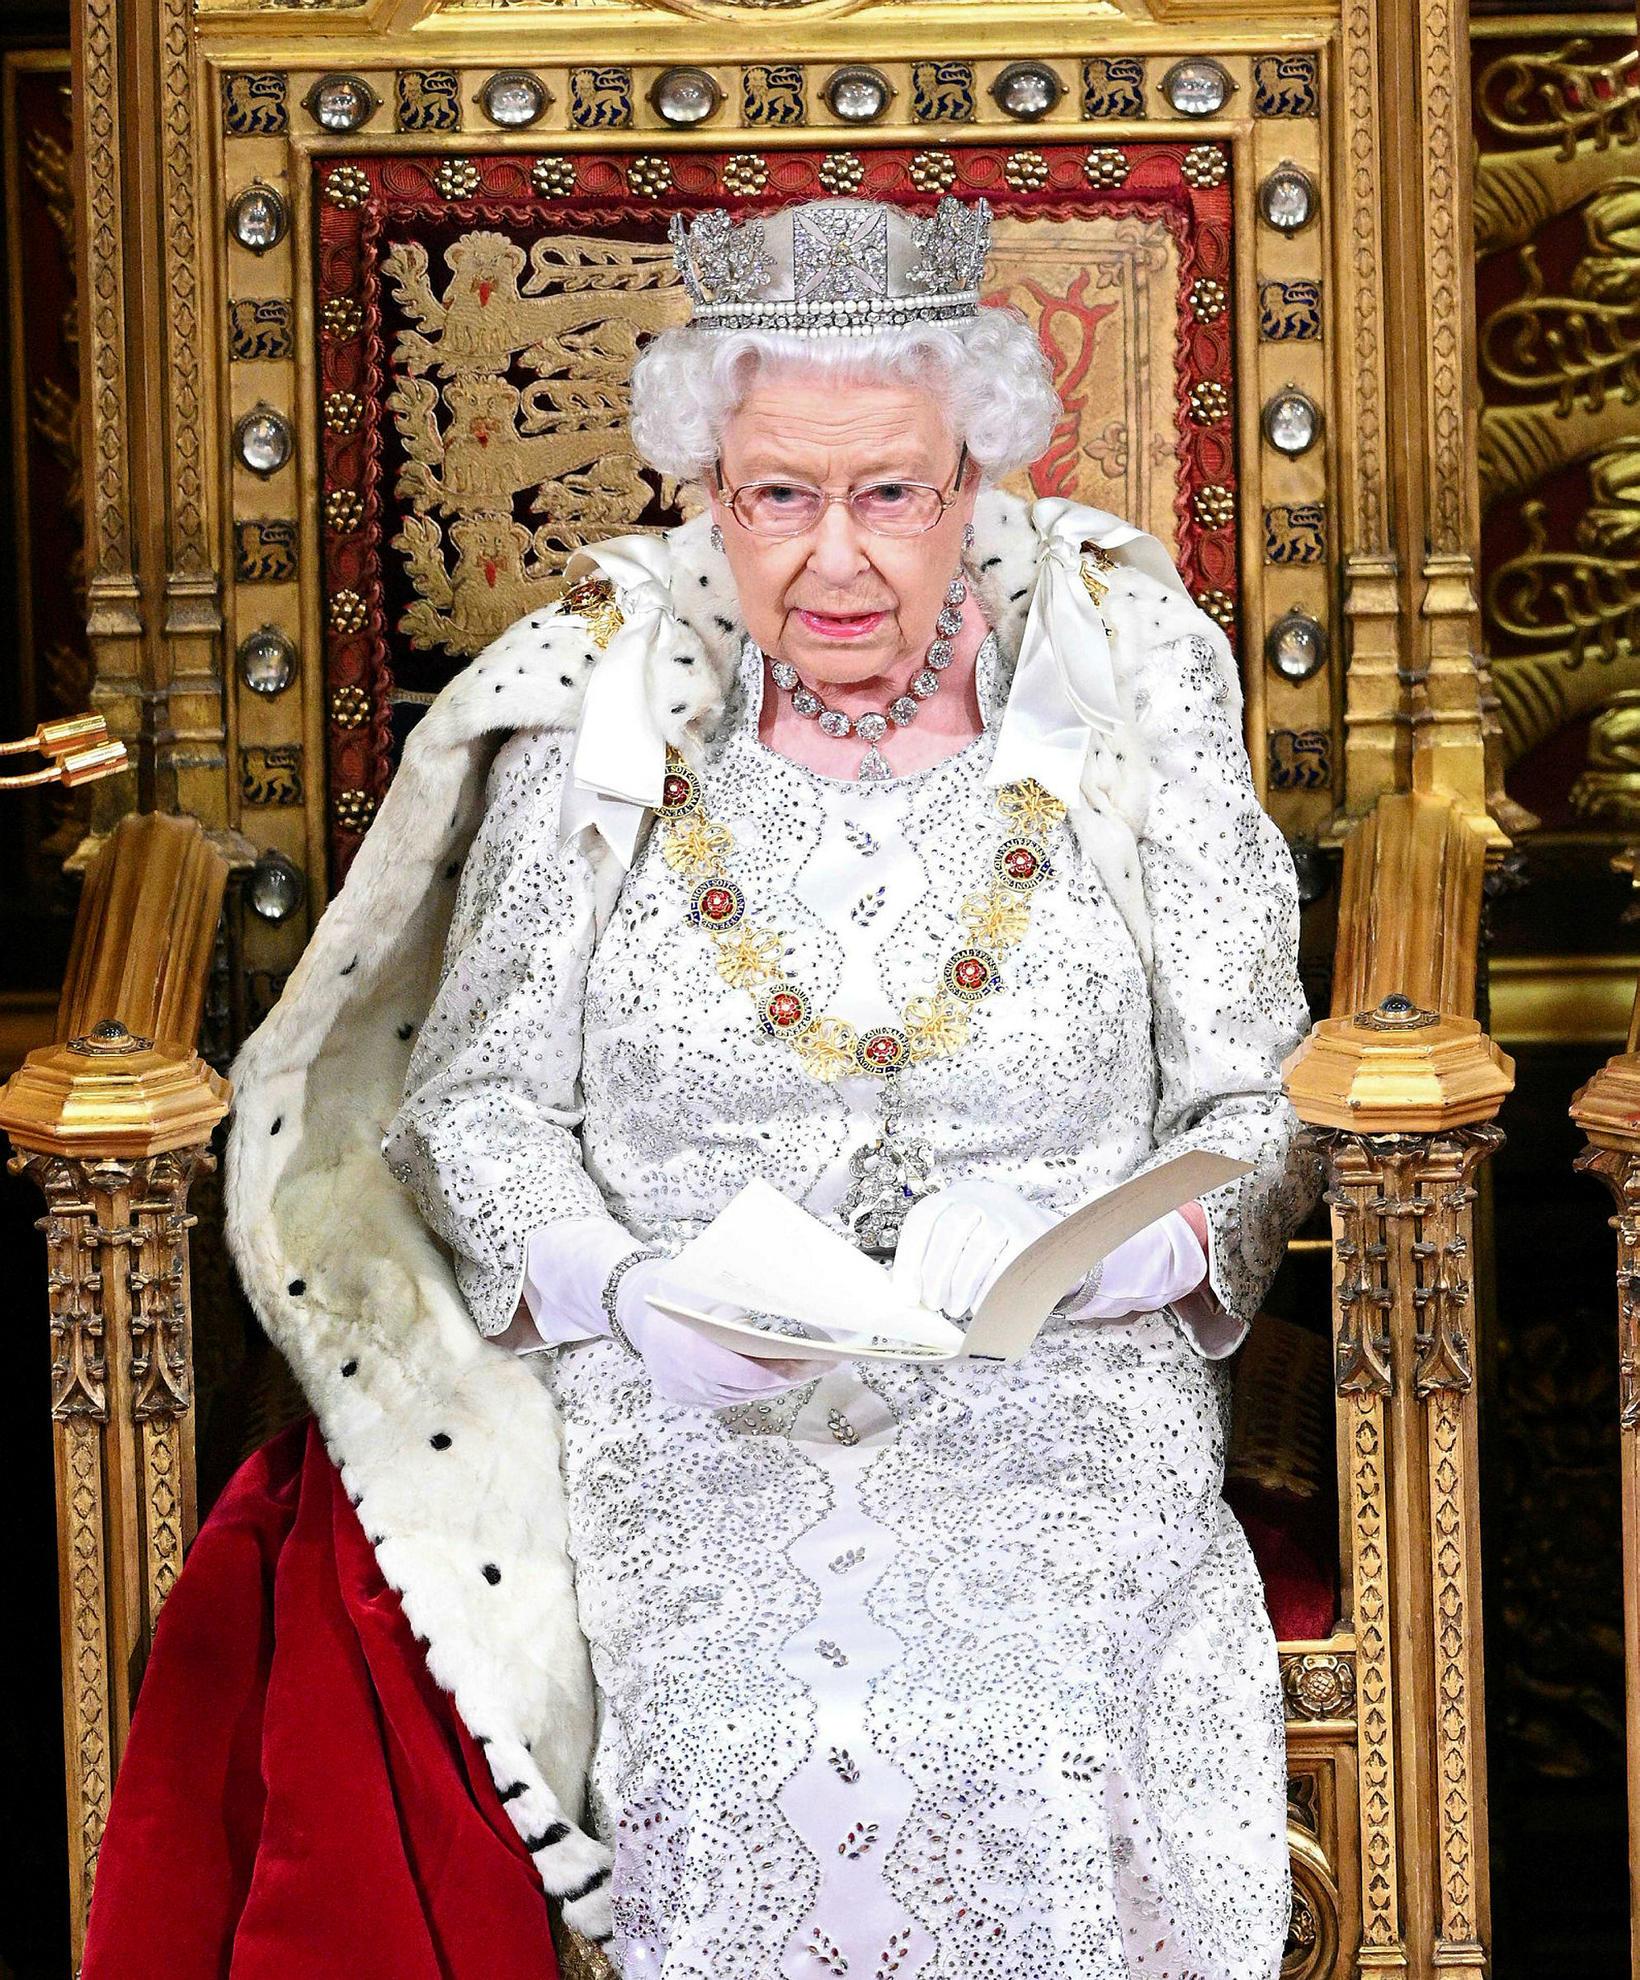 Angela Kelly hefur verið í þjónustu drottningarinnar síðan 2002.